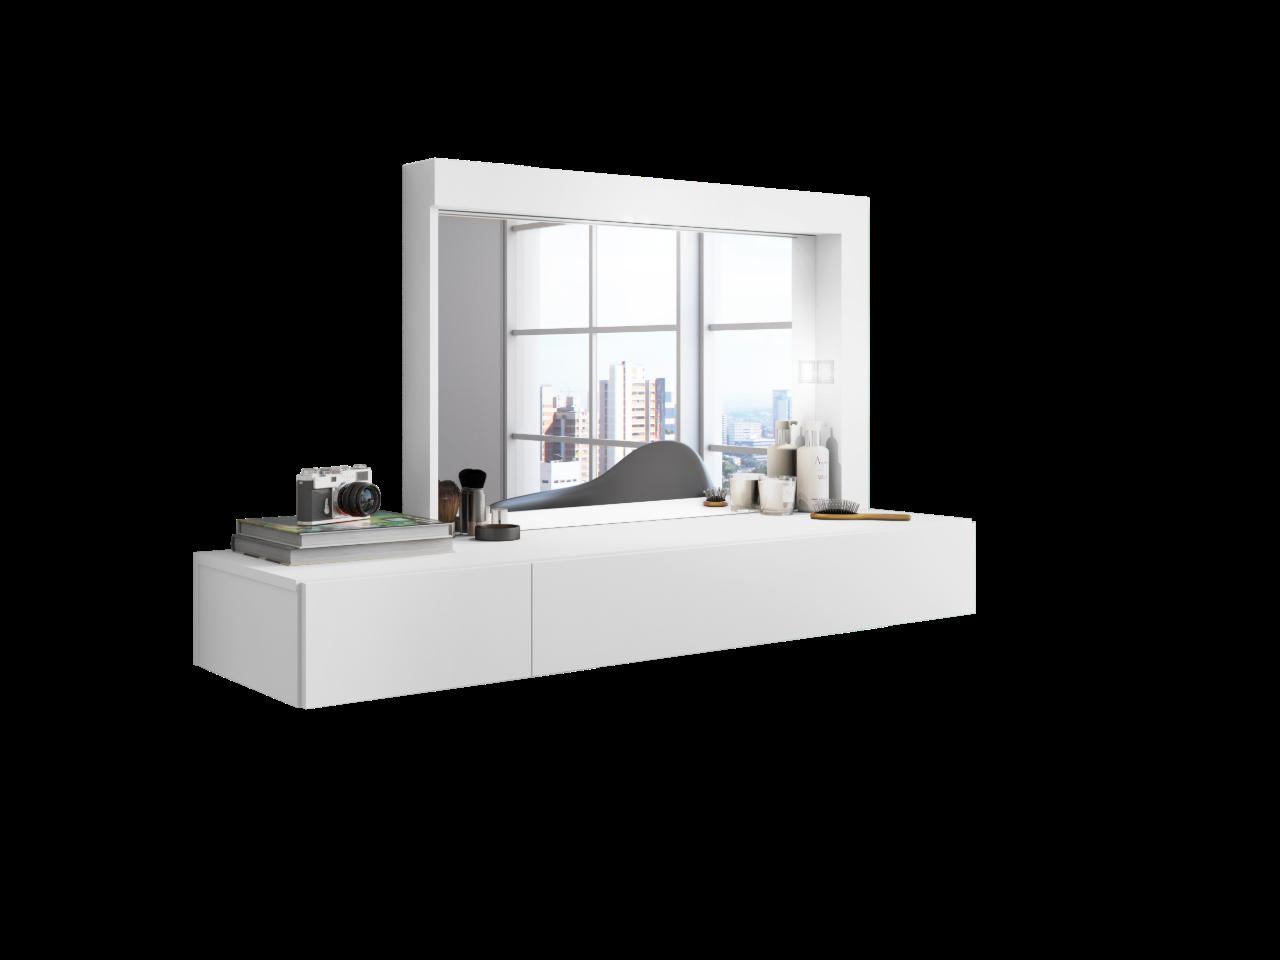 Camarin Inspiração Branco Fosco Liso - Móveis Albatroz